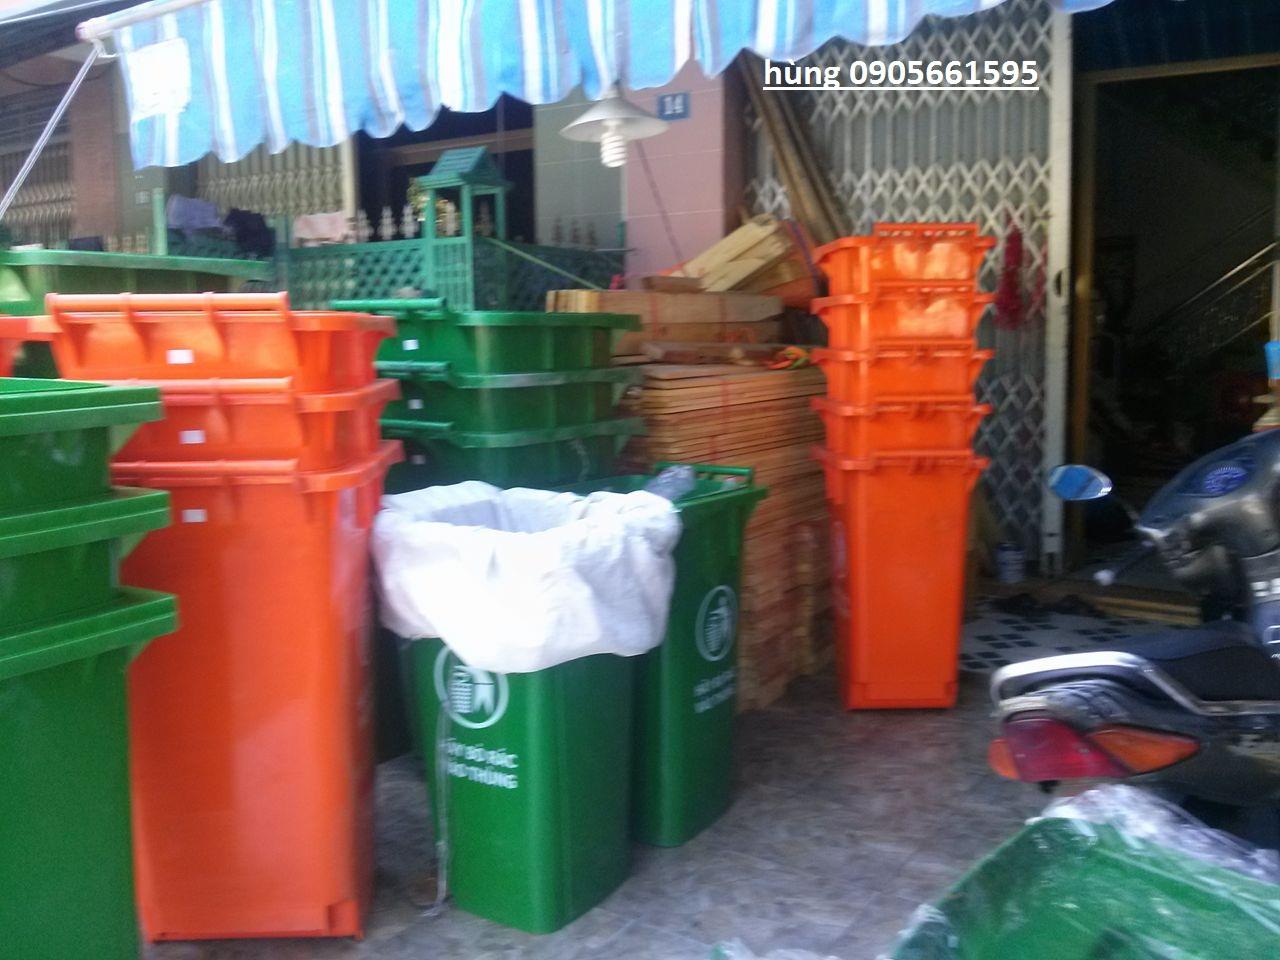 thùng rác đà nẵng, thùng rác y tế